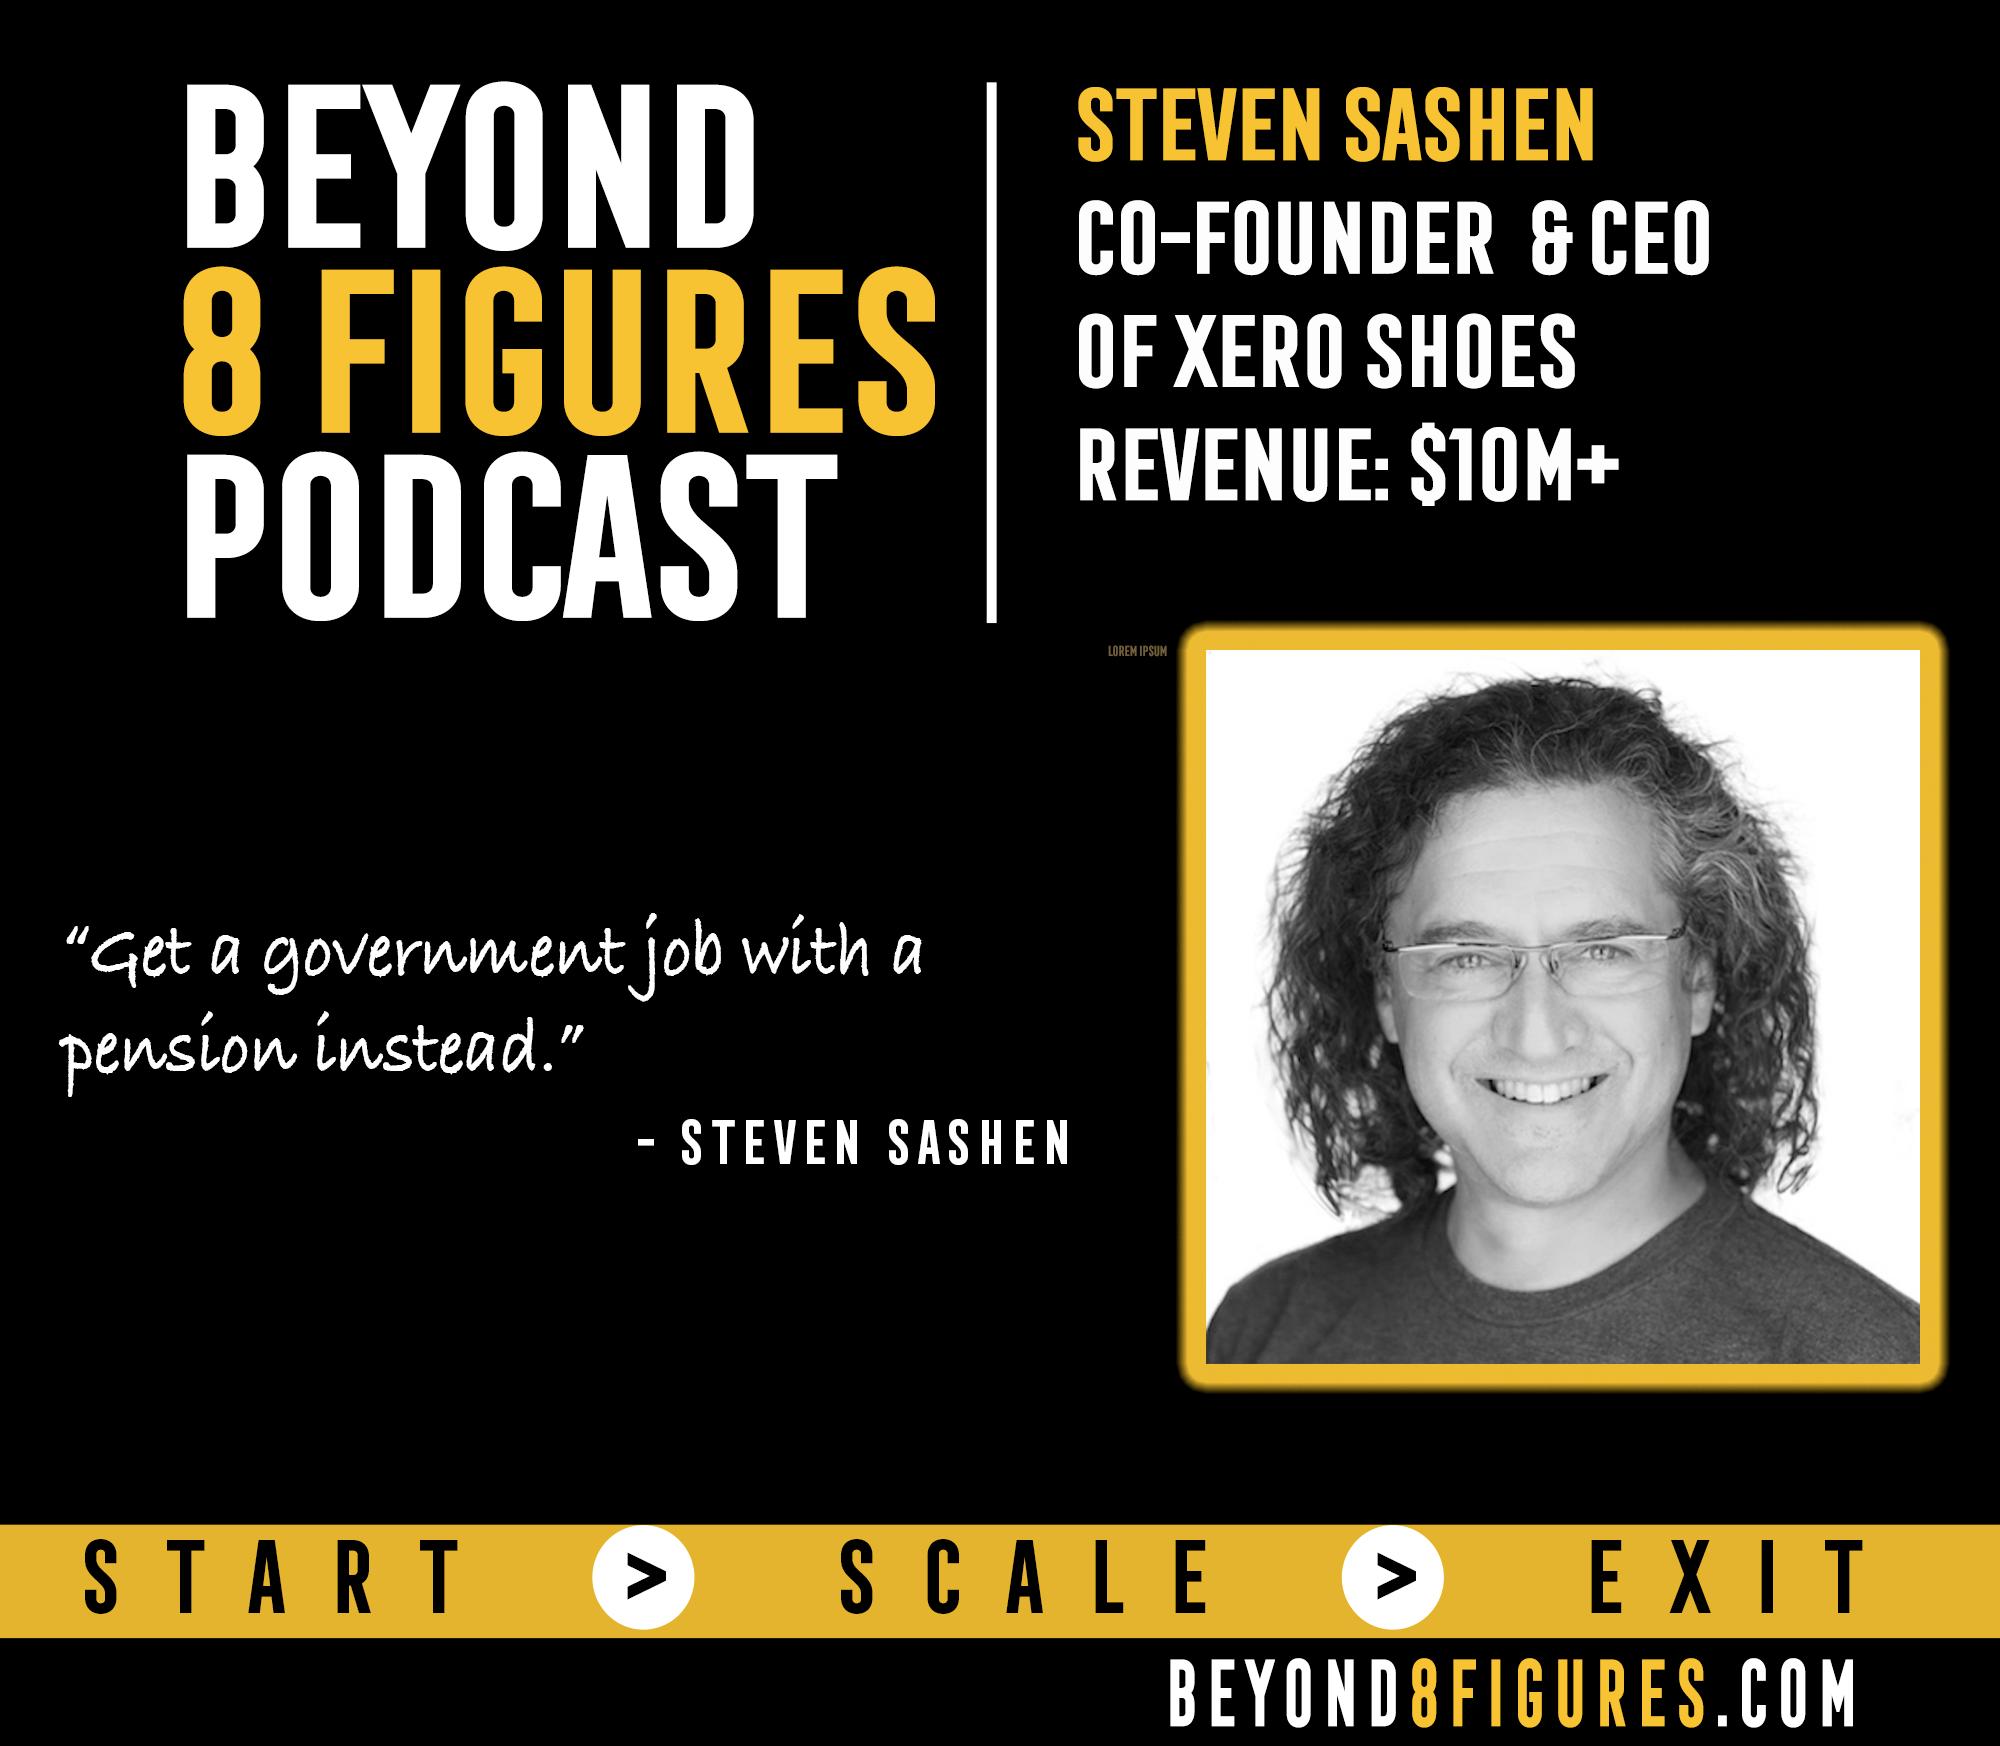 $13M in Annual Revenue – Steven Sashen, Xero Shoes